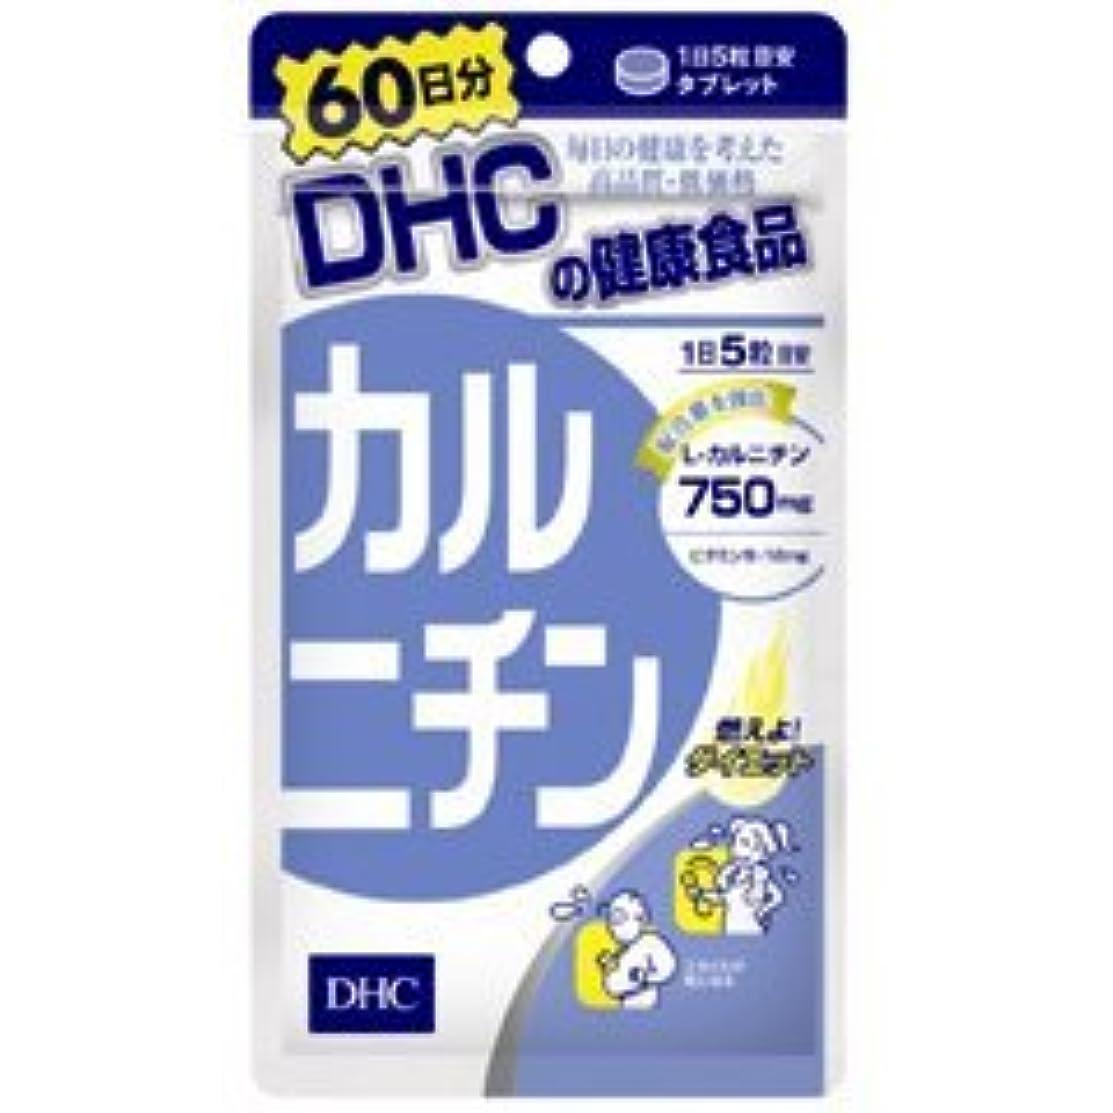 トンネル宇宙飛行士かけるDHCの健康食品 カルニチン 60日分 300粒 【DHC】